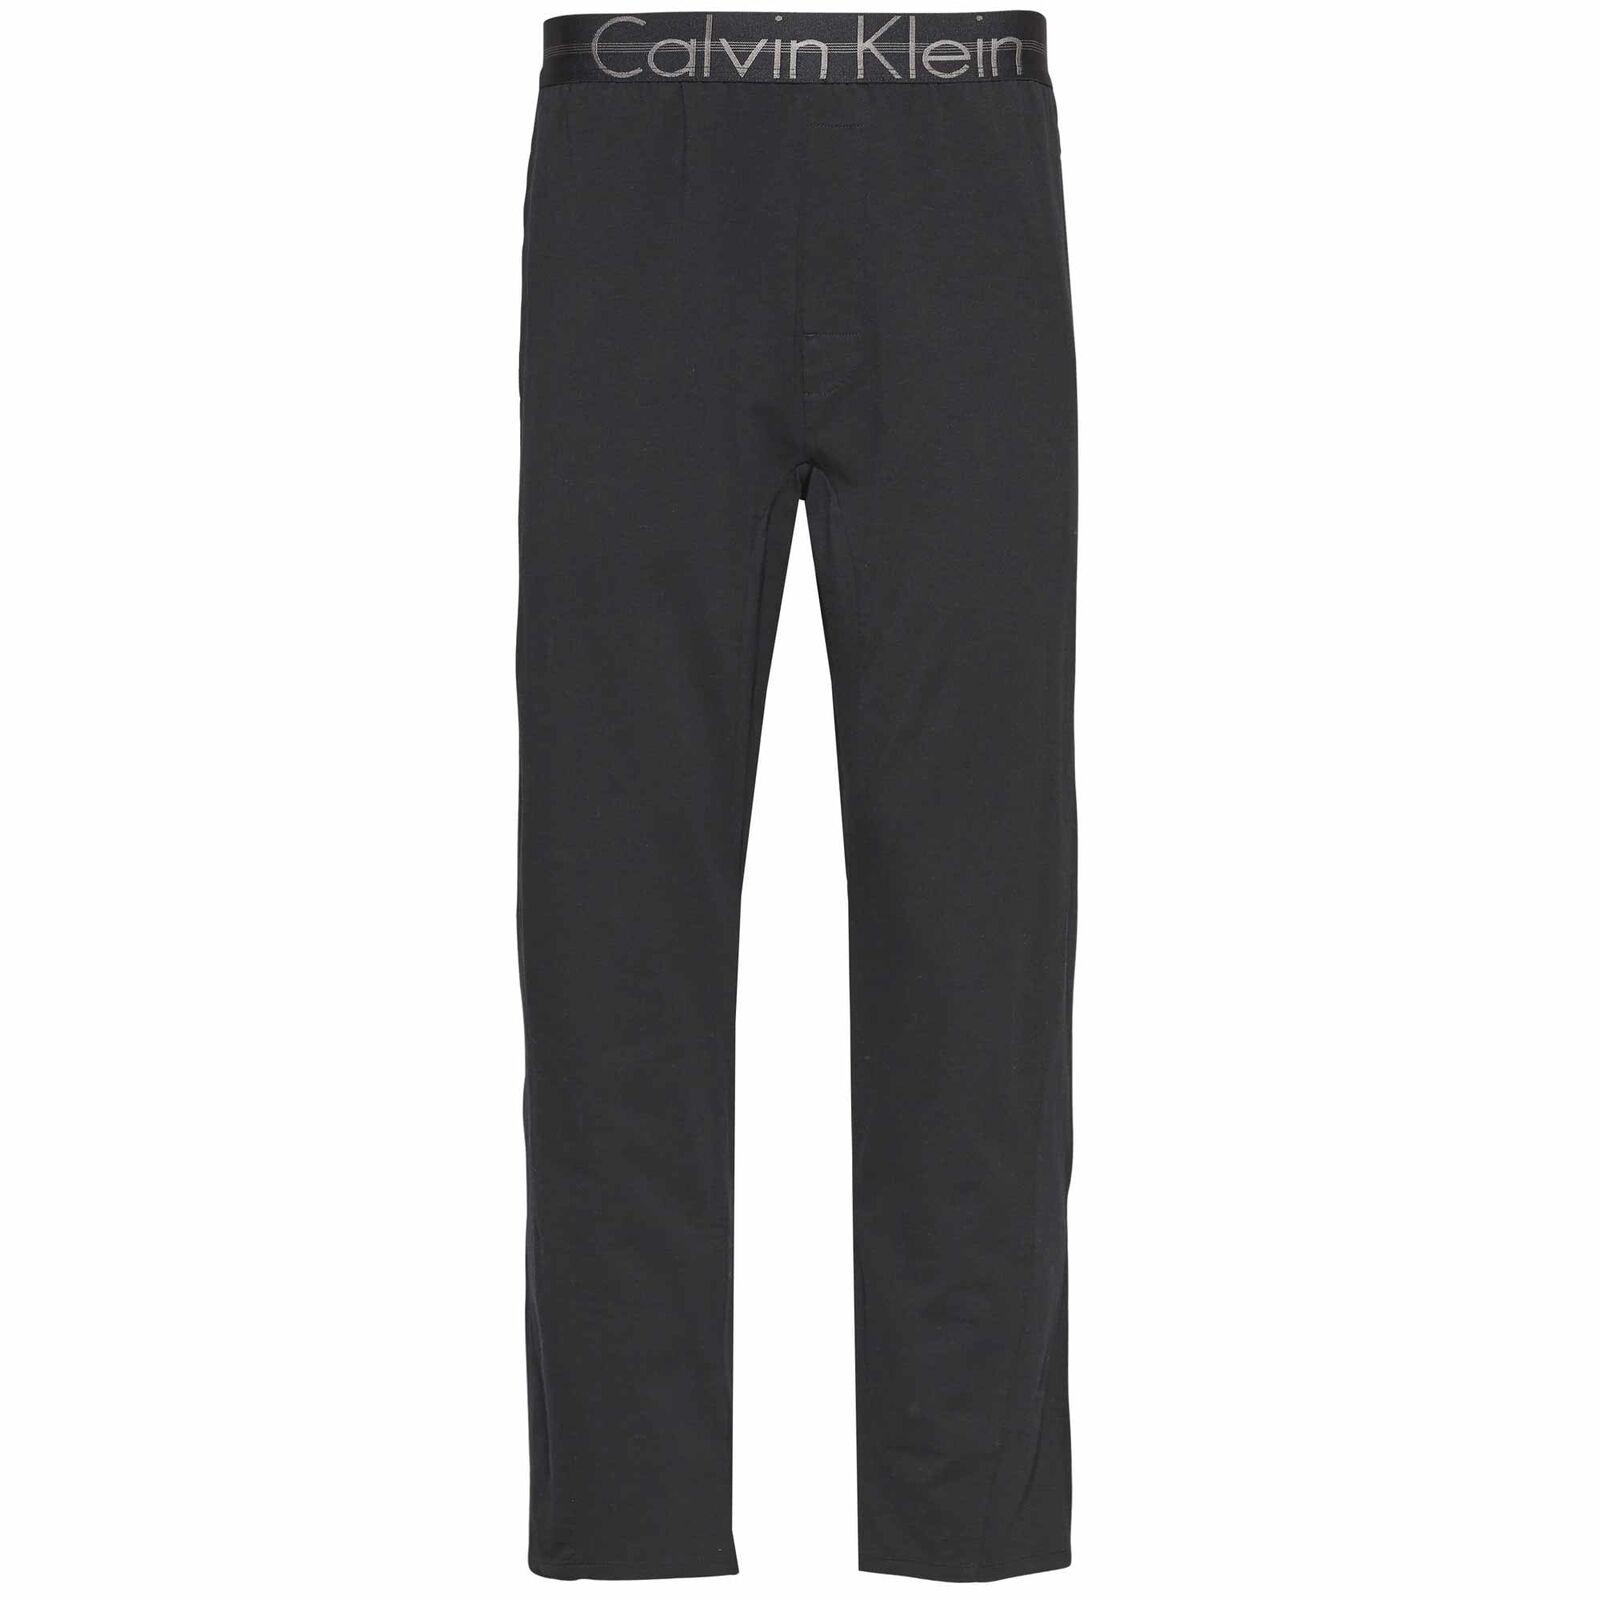 Calvin Fit Klein Men's Concentré Fit Calvin CK PJ Lounge Pantalon, Vêtements, pantalon, noir c2bfe7